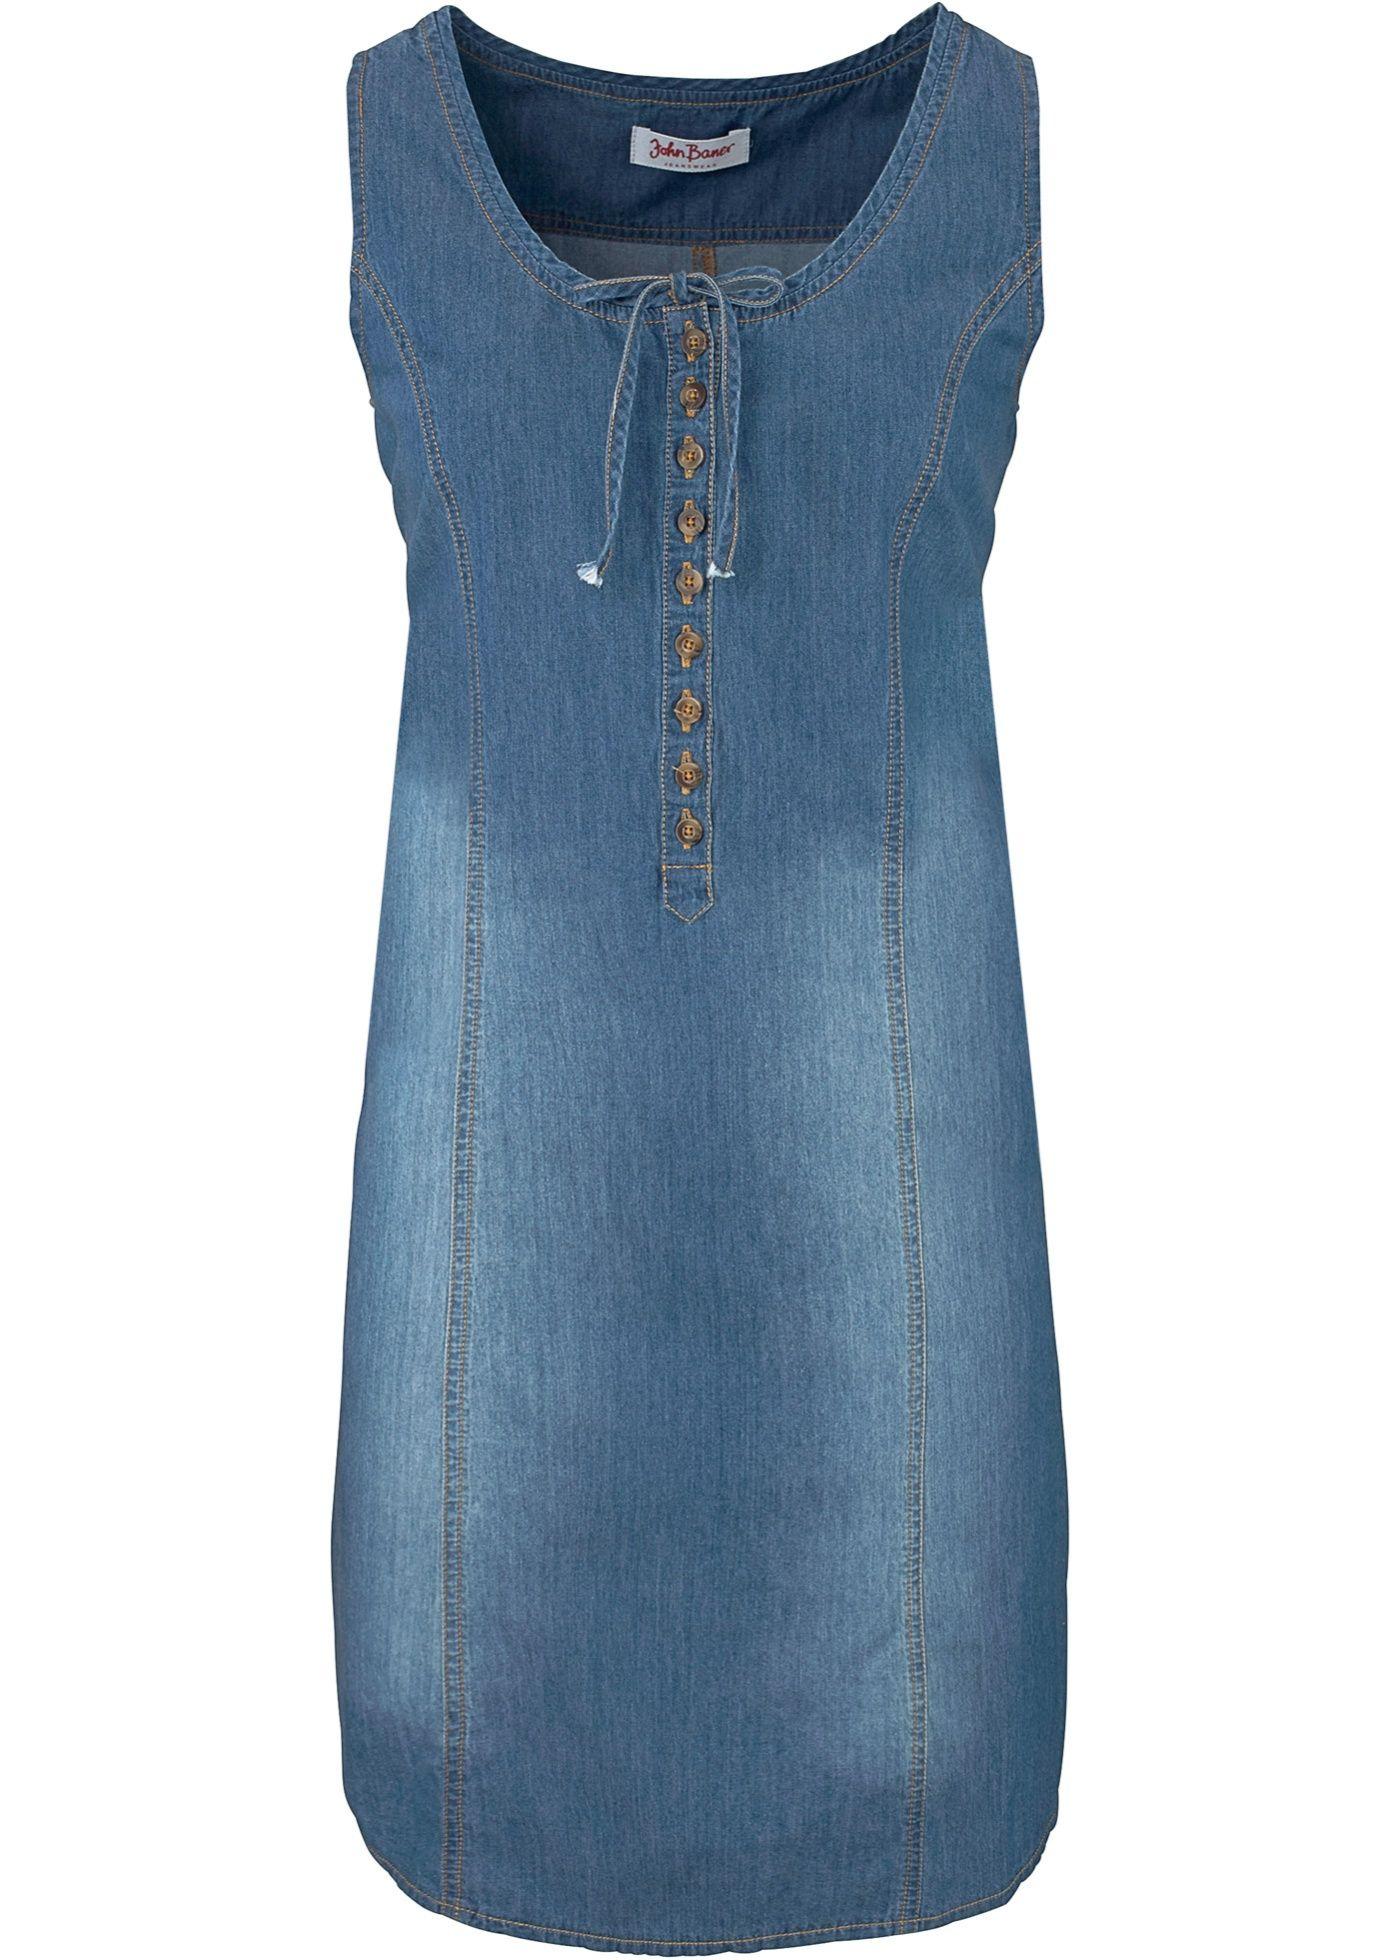 Damen Jeanskleider jetzt entdecken | online bei bonprix